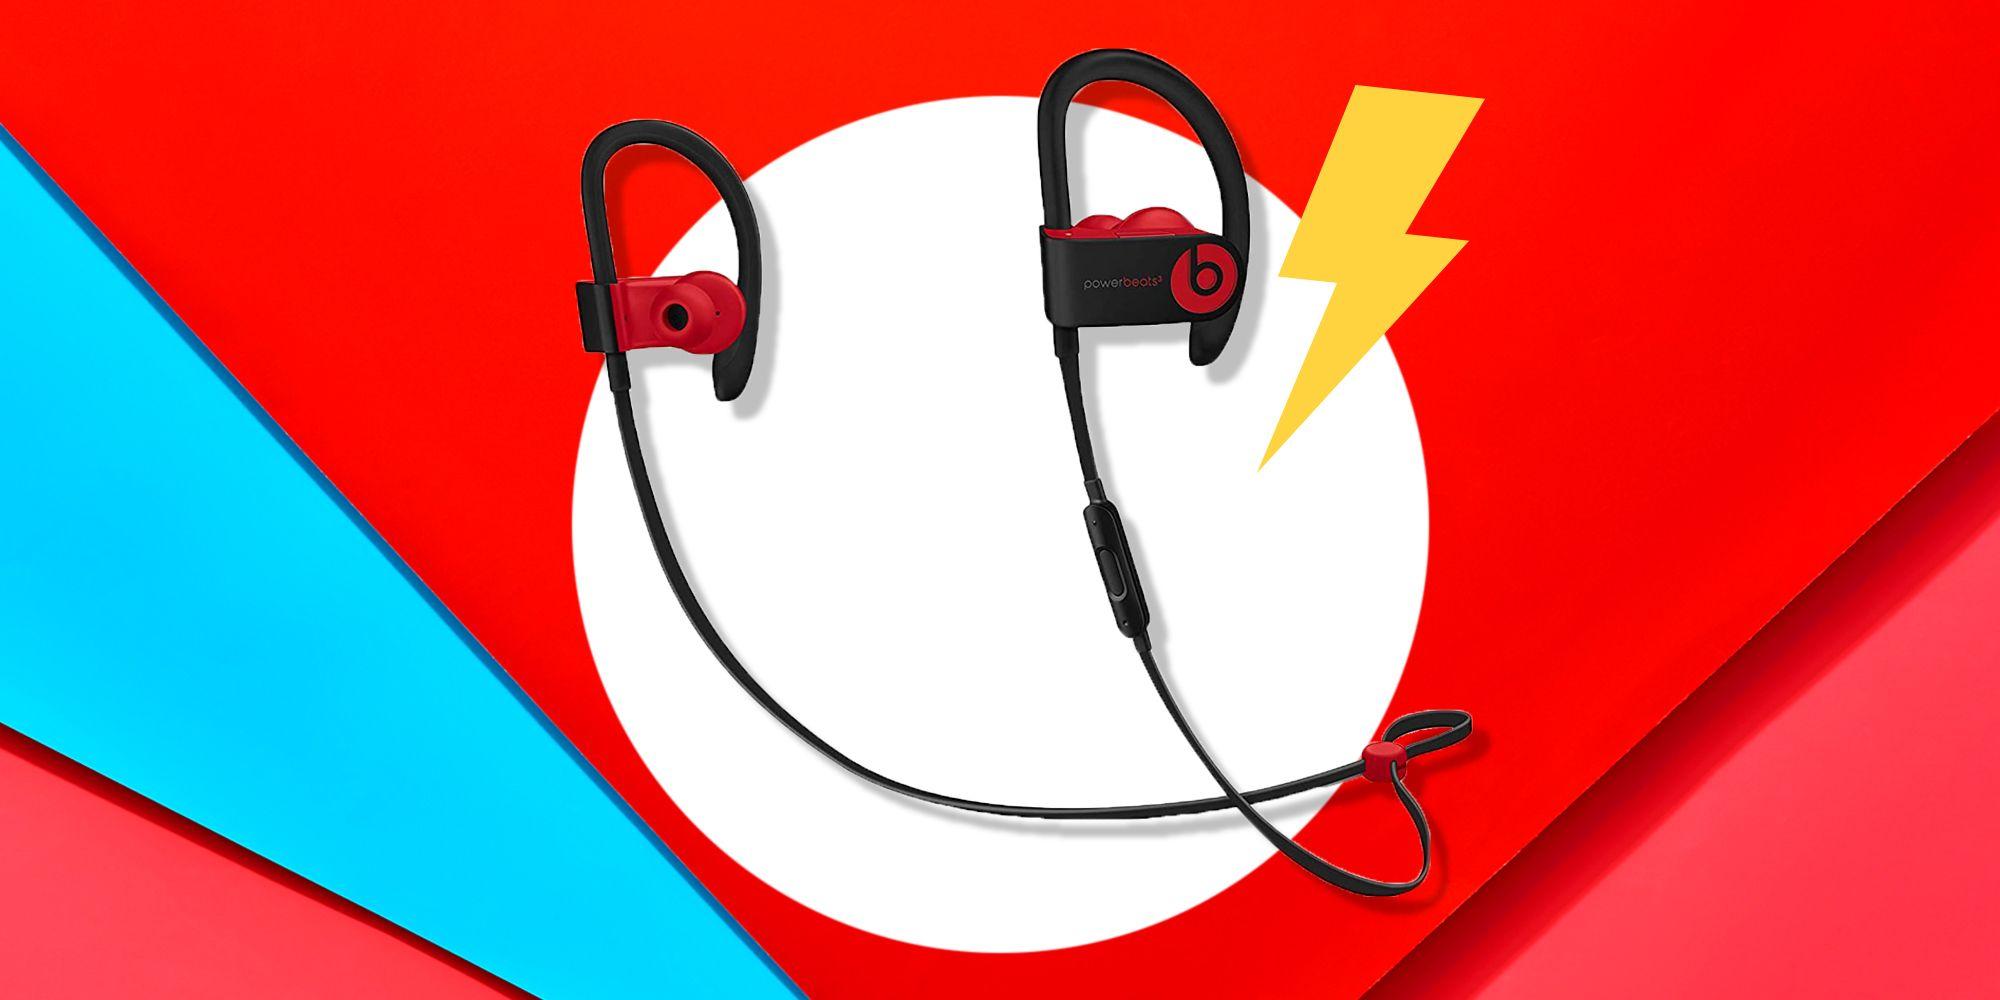 Powerbeats Wireless-Kopfhörer sind ab sofort für 120 US-Dollar bei Amazon erhältlich